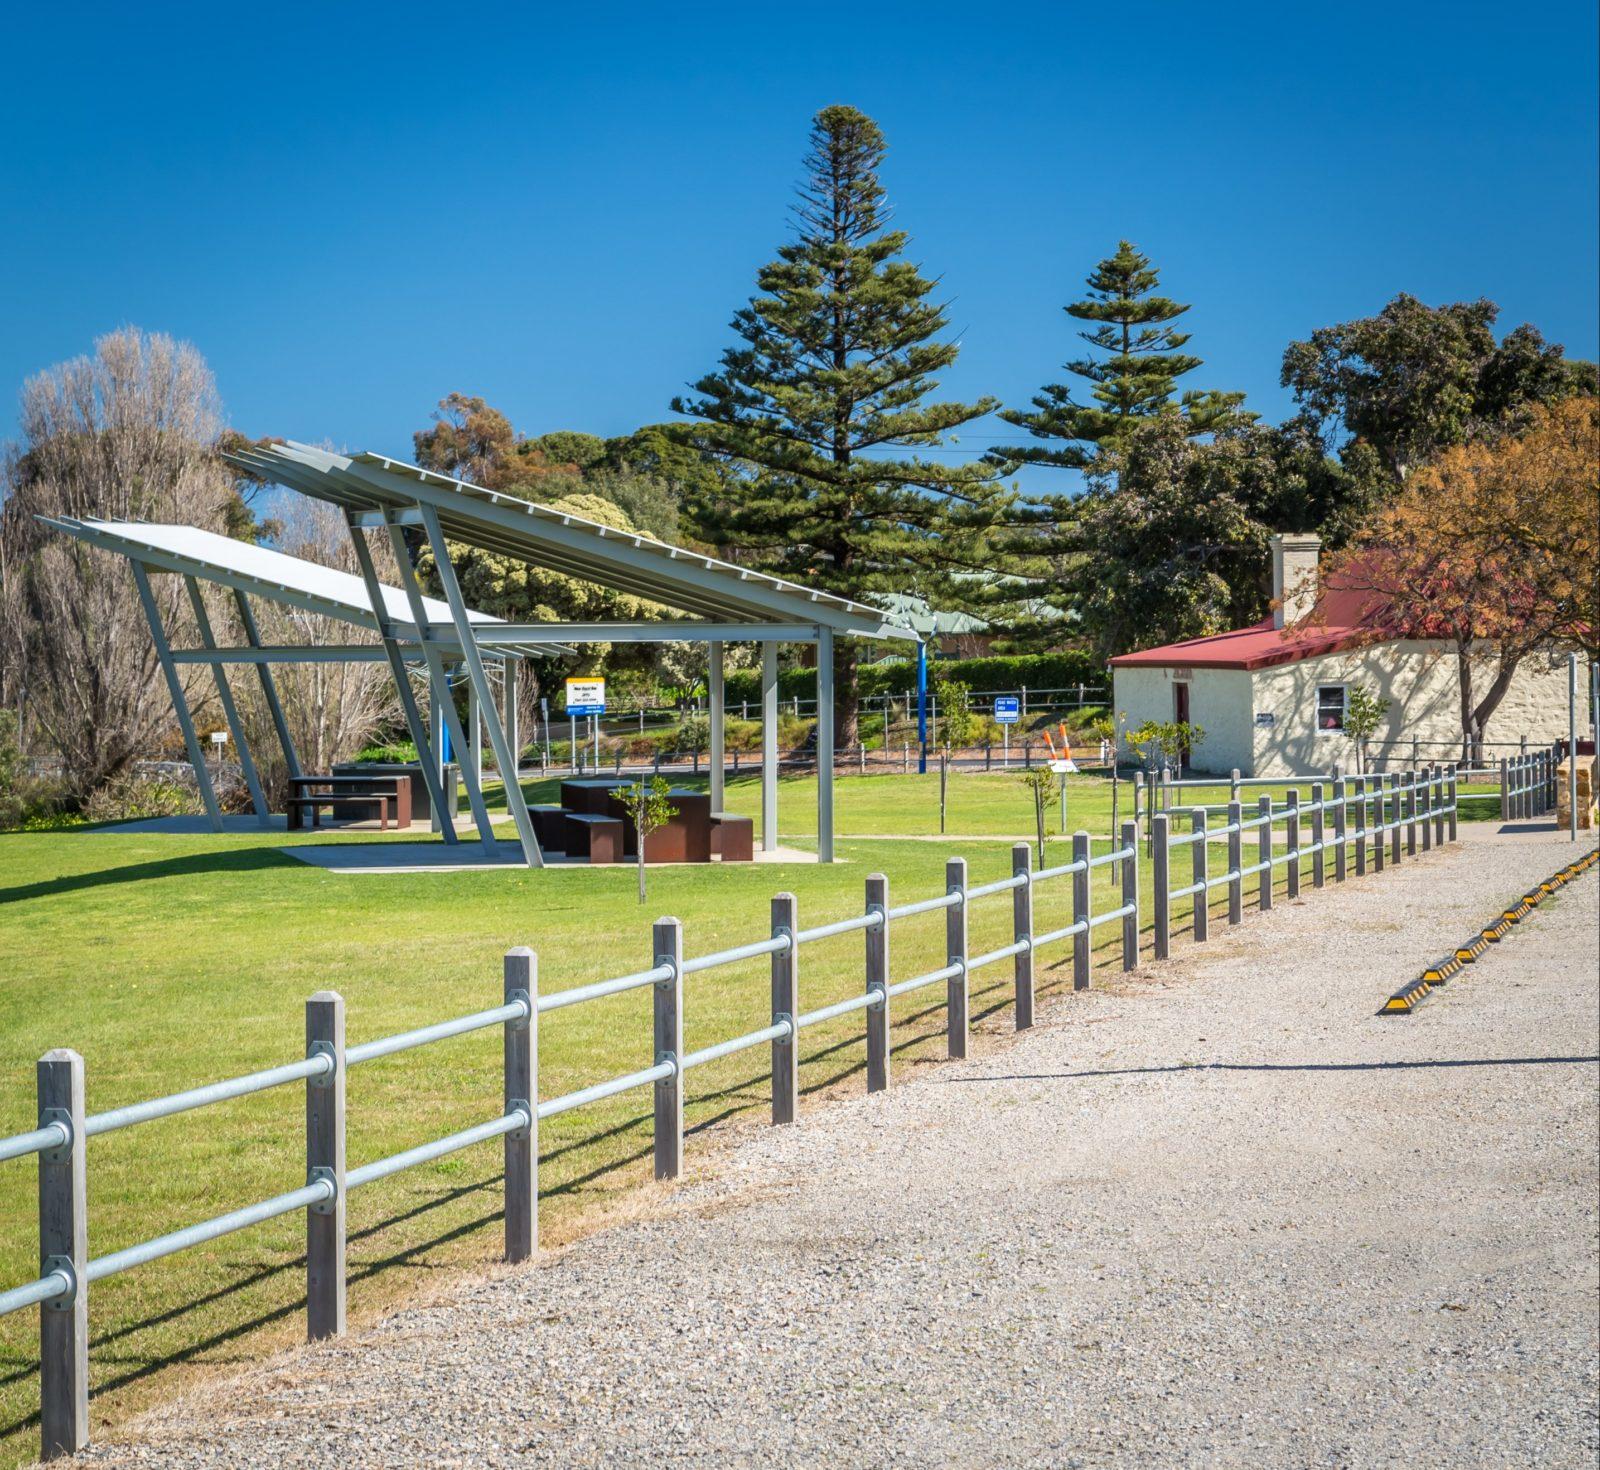 Bungala park shelter, Normanville